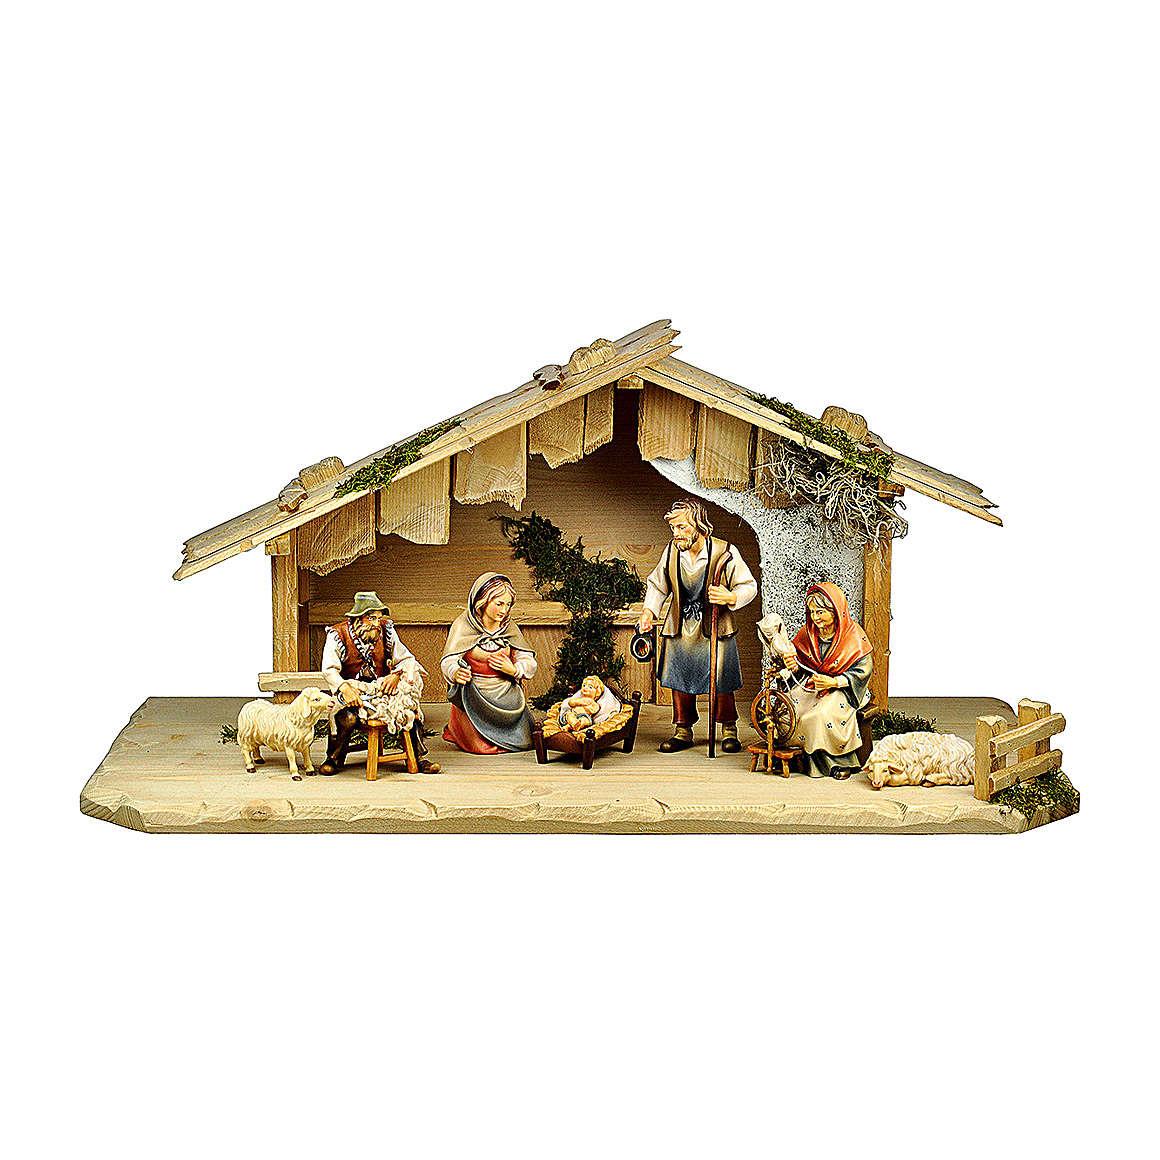 Nativité avec bergers dans maisonnette pour crèche Original Berger bois  peint Val Gardena 10 cm 7 pcs 4